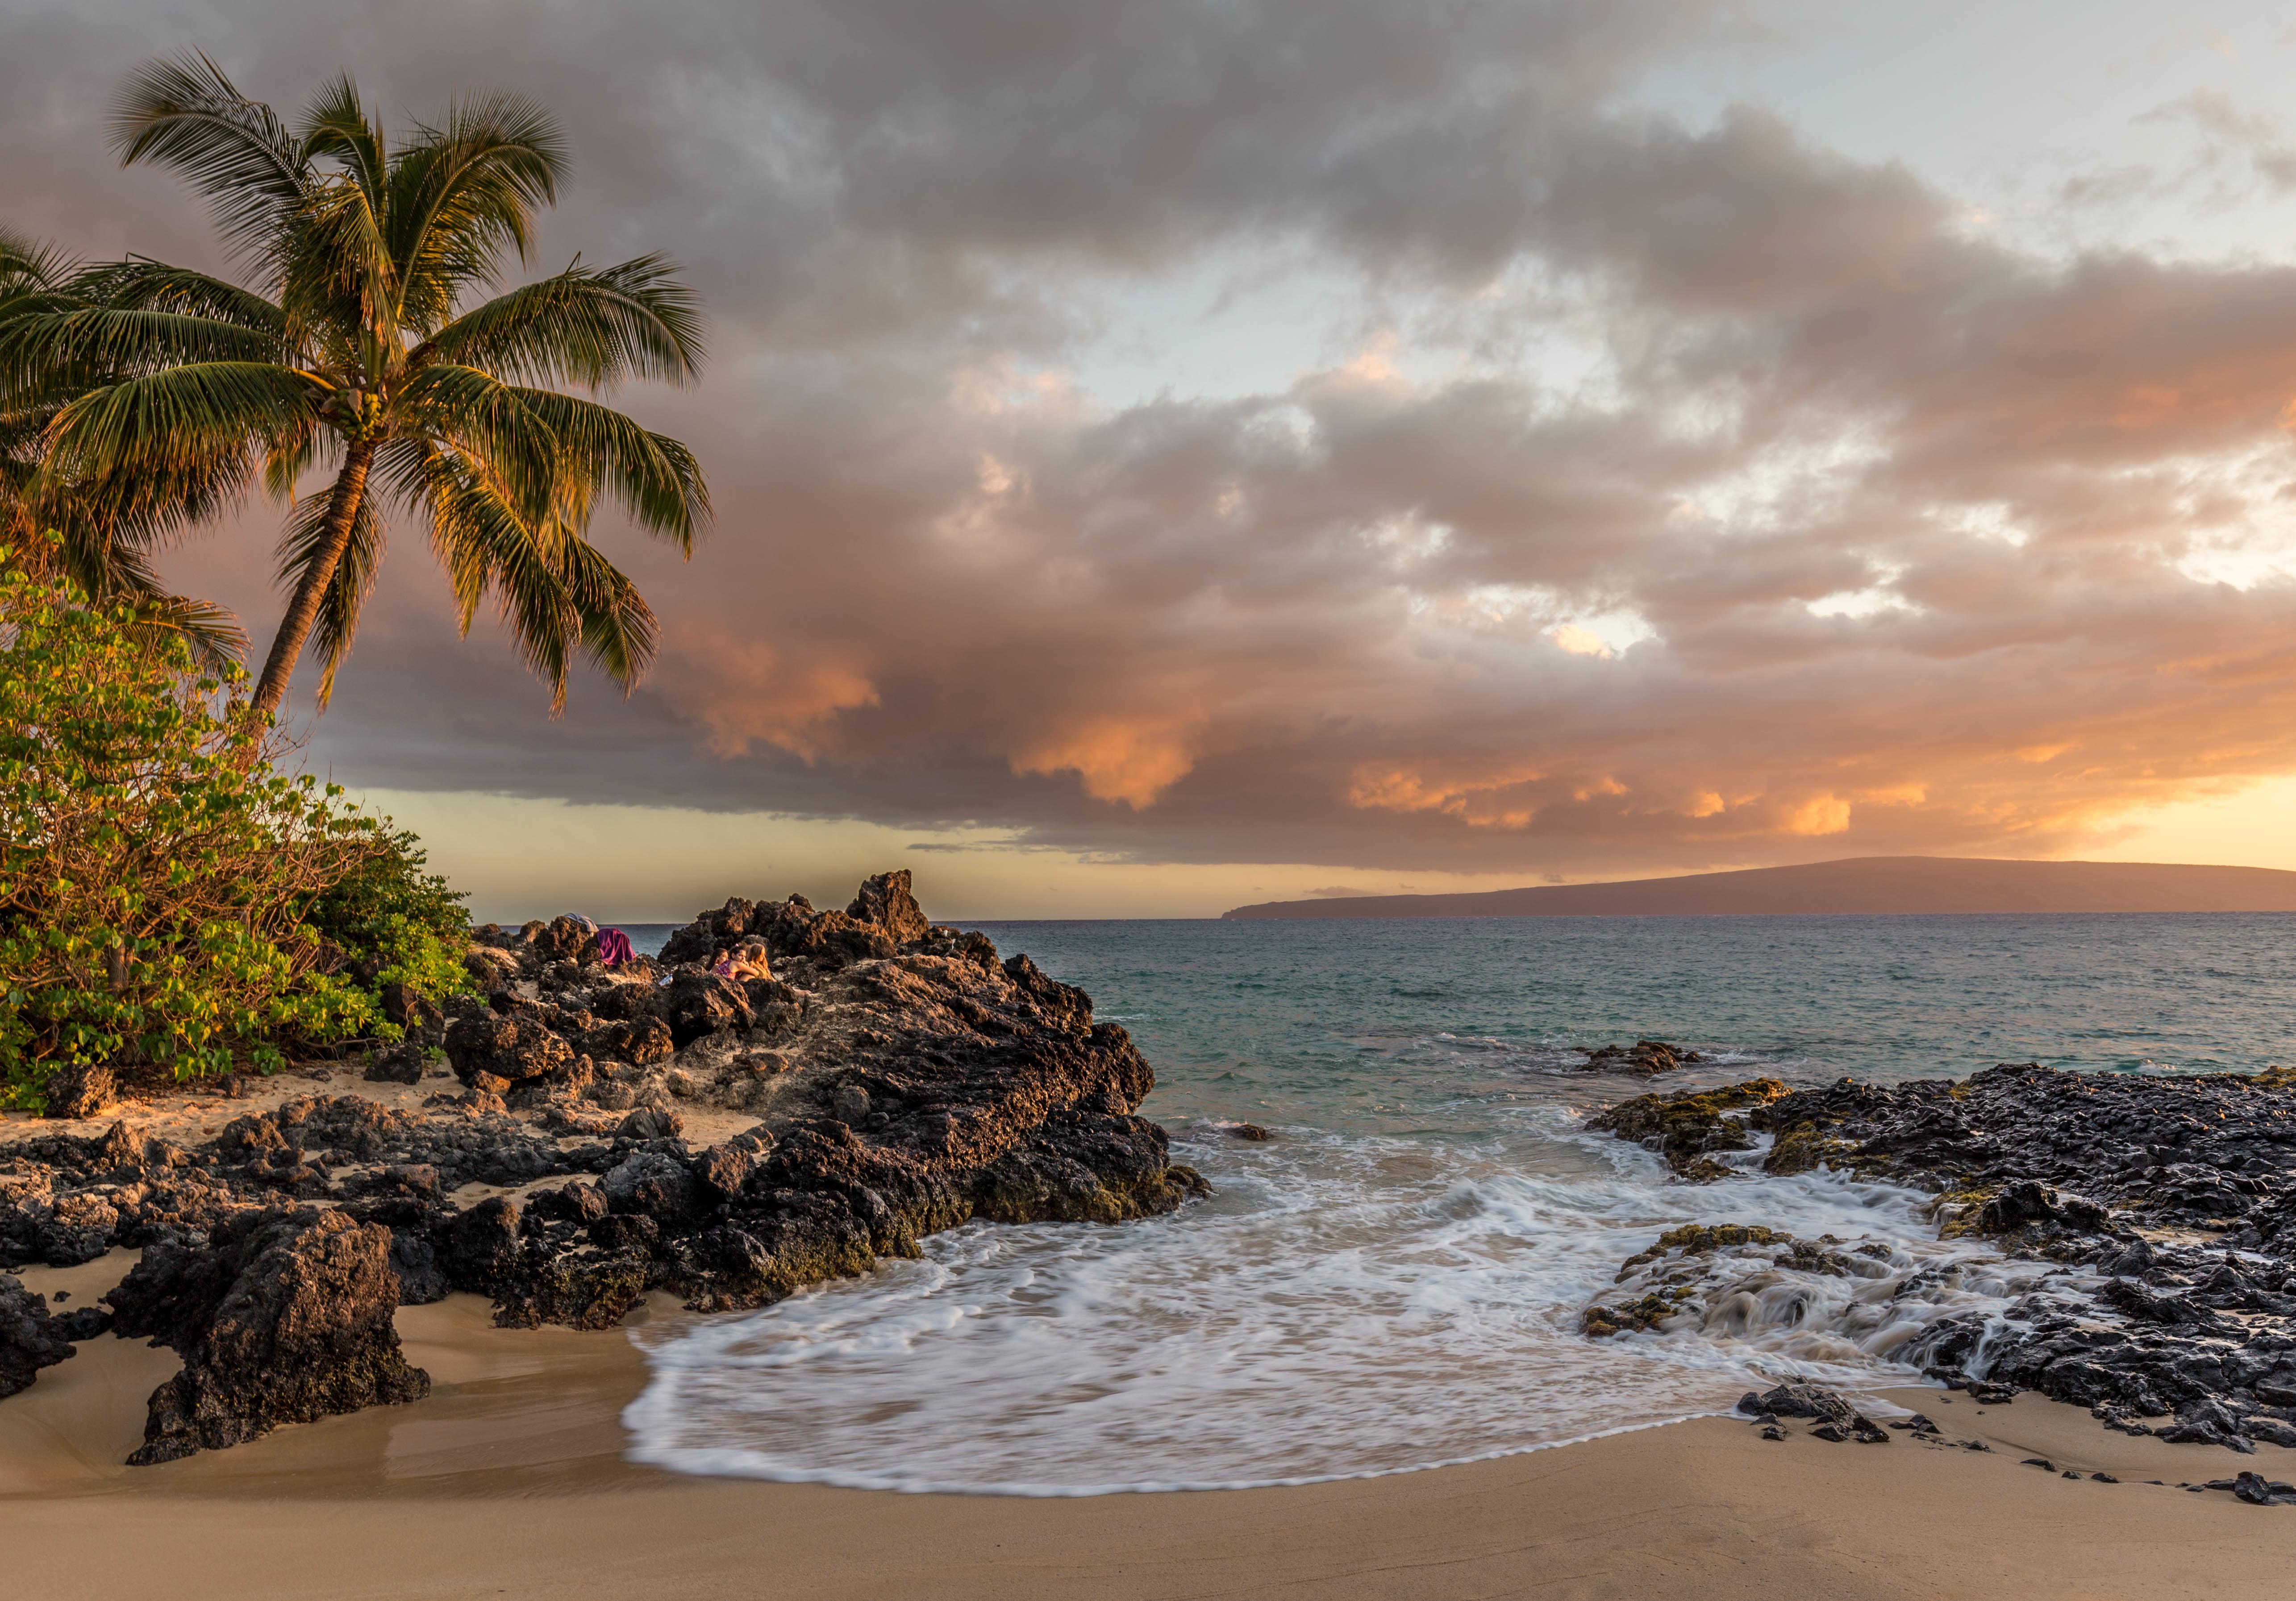 Картинка на сотку пальмы море дпс это